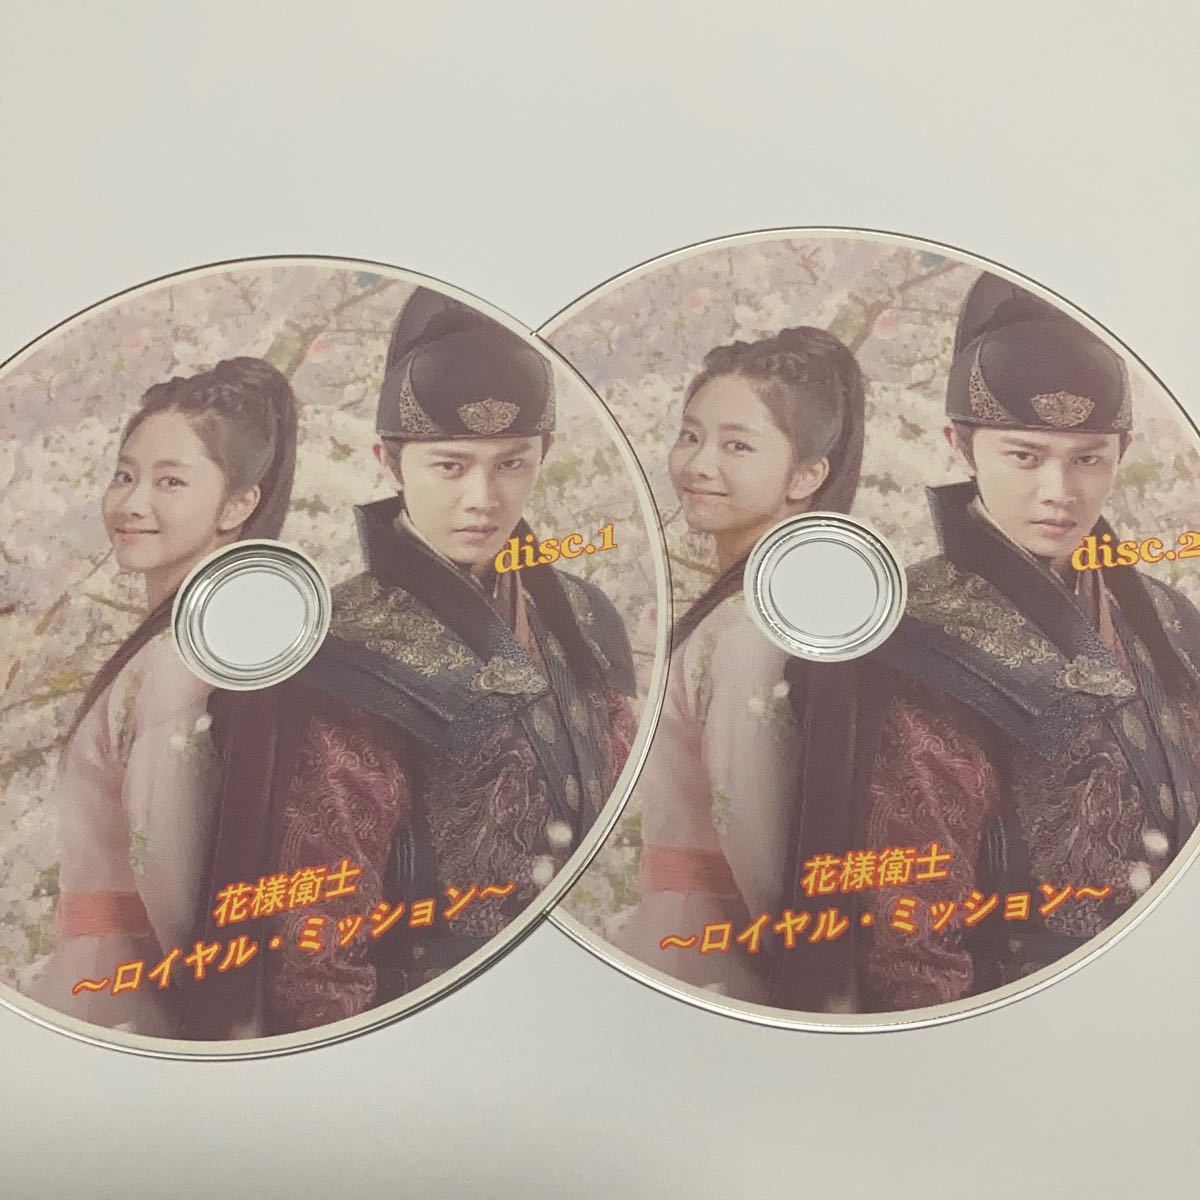 花様衛士〜ロイヤル・ミッション全話Blu-ray